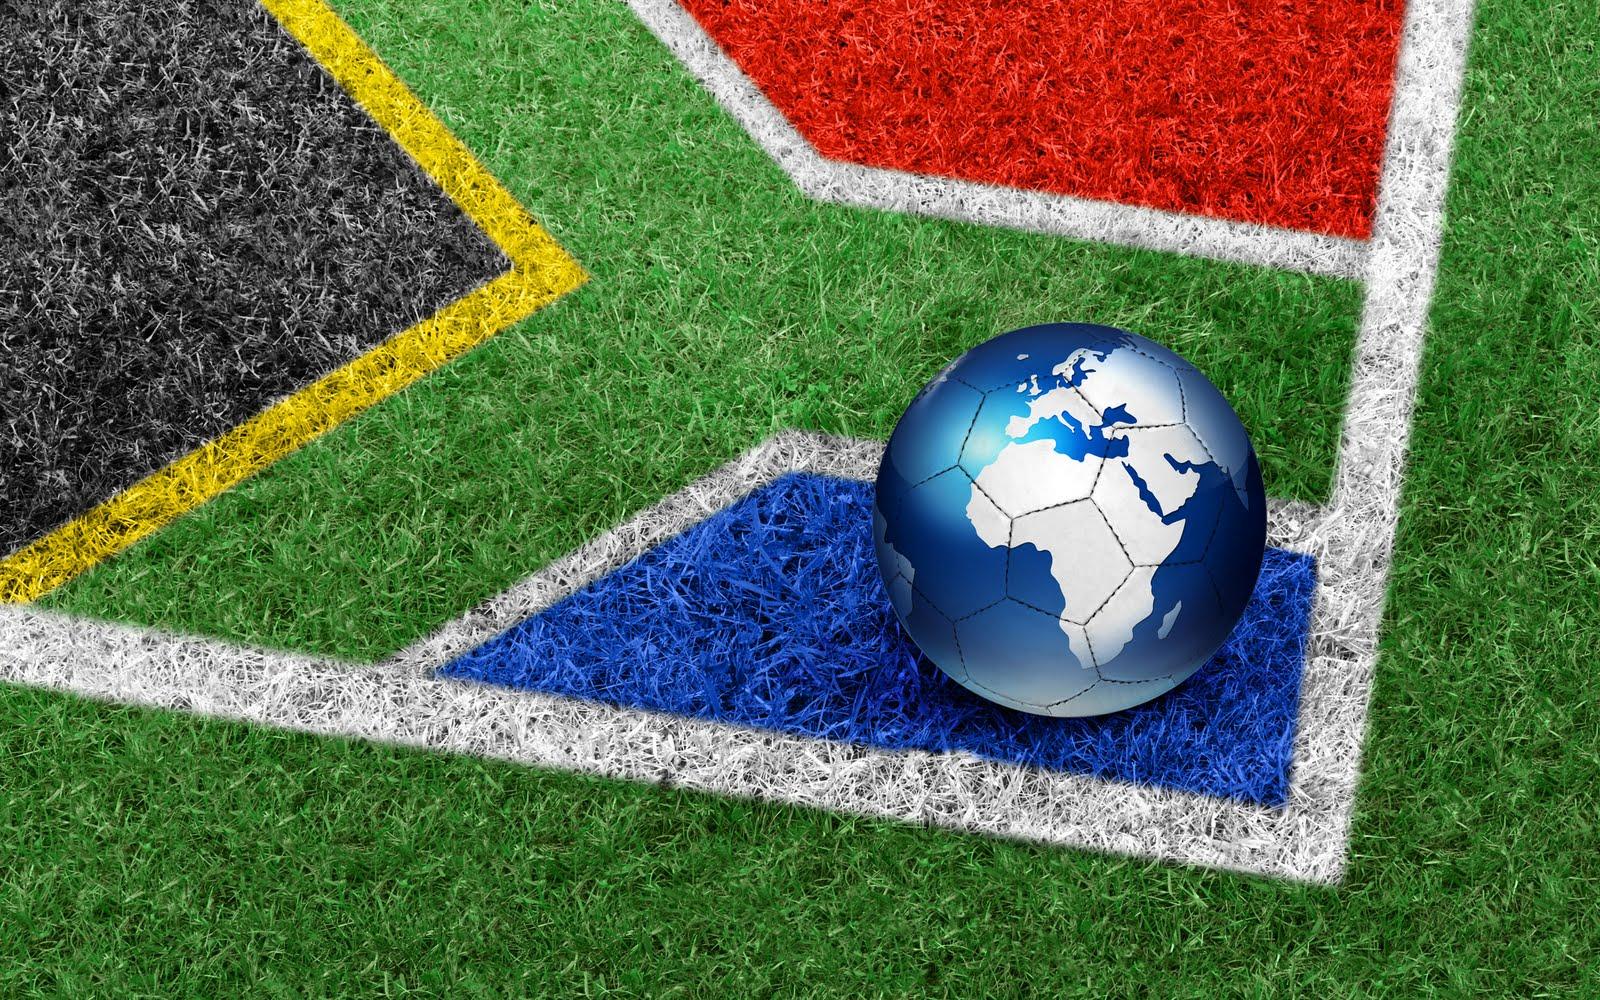 http://1.bp.blogspot.com/-FRbu5KWu1uc/TeJTguew0NI/AAAAAAAAABU/exIOxTA3k8A/s1600/3D+Football+Wallpapers-9.jpg